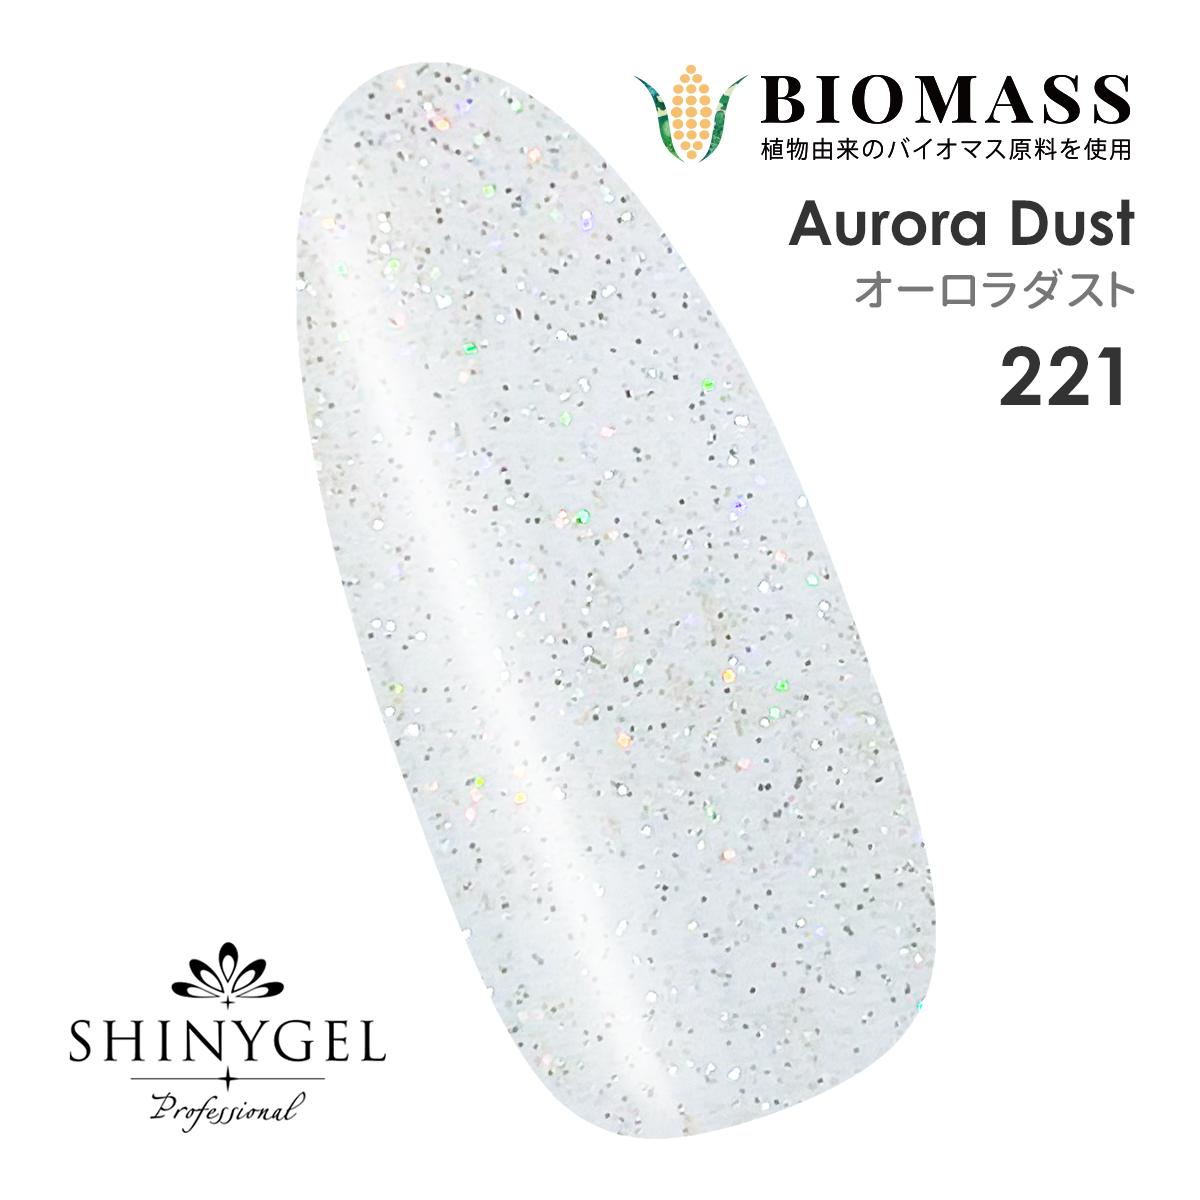 SHINYGEL Professional:カラージェル 221/オーロラダスト 4g (シャイニージェルプロフェッショナル)[UV/LED対応○](JNA検定対応)